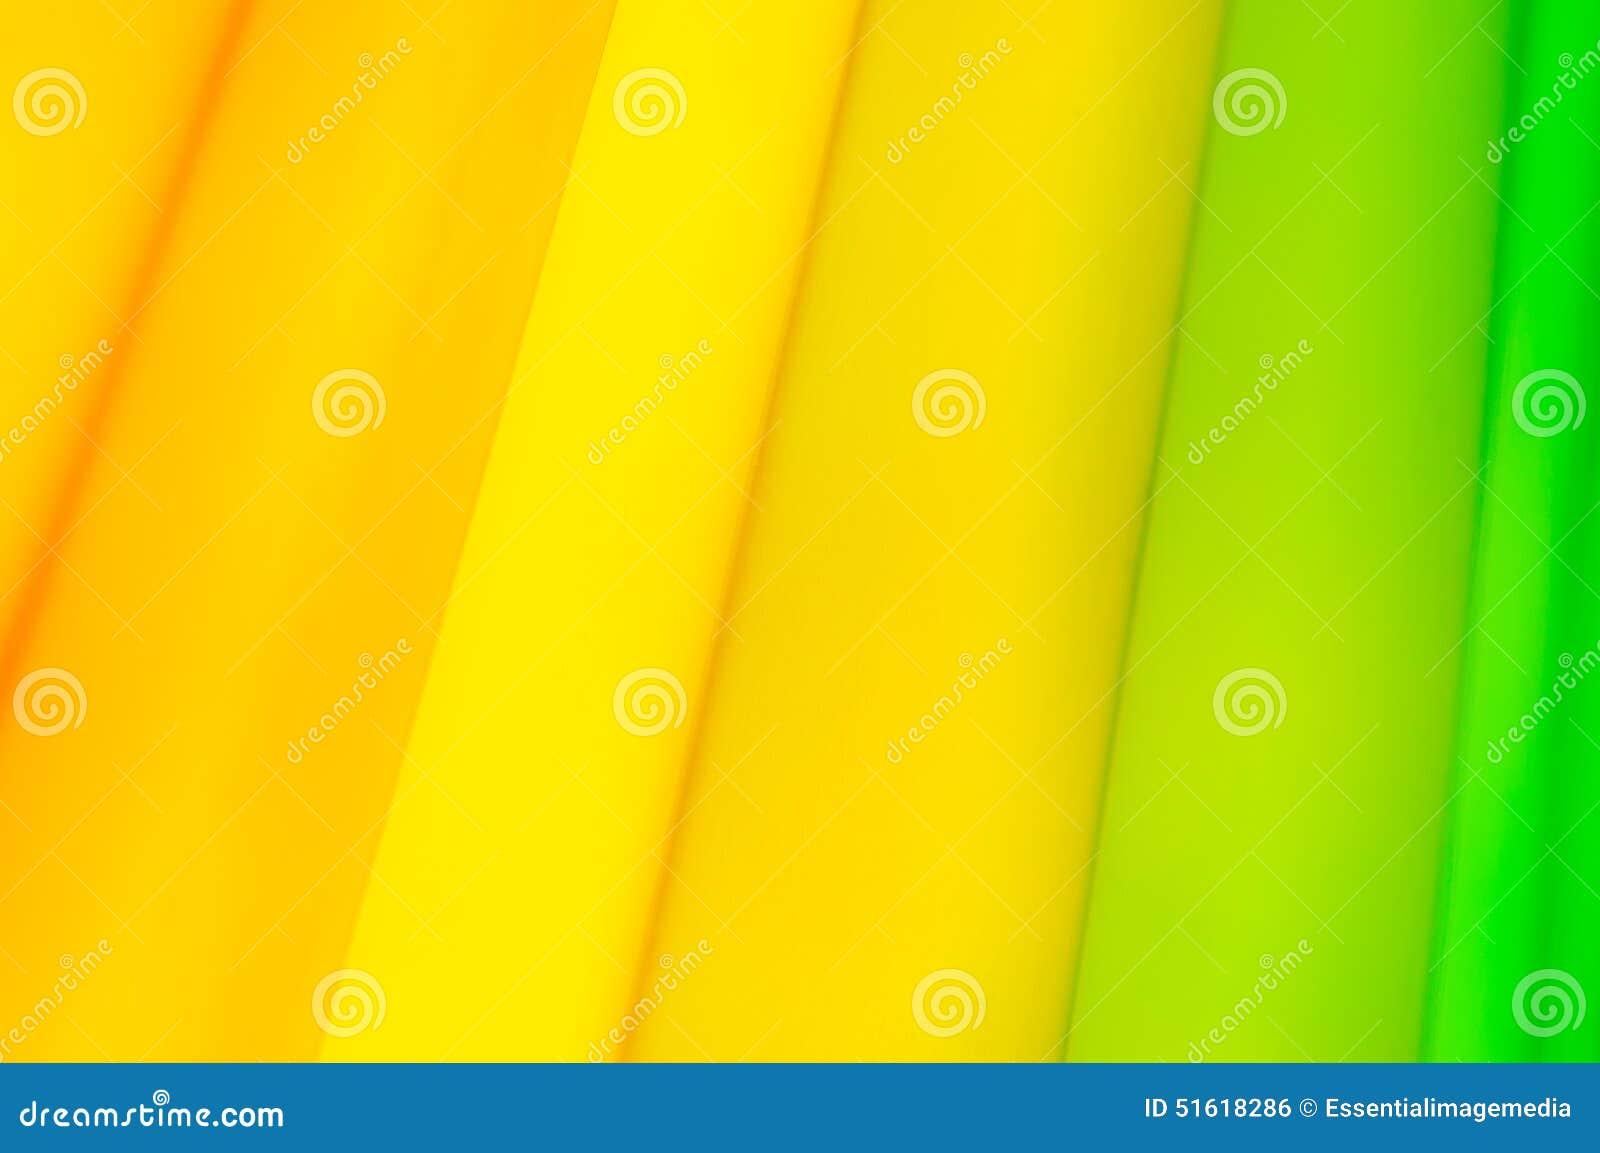 Elicottero Verde E Giallo : Tonalità di giallo e verde fotografia stock immagine